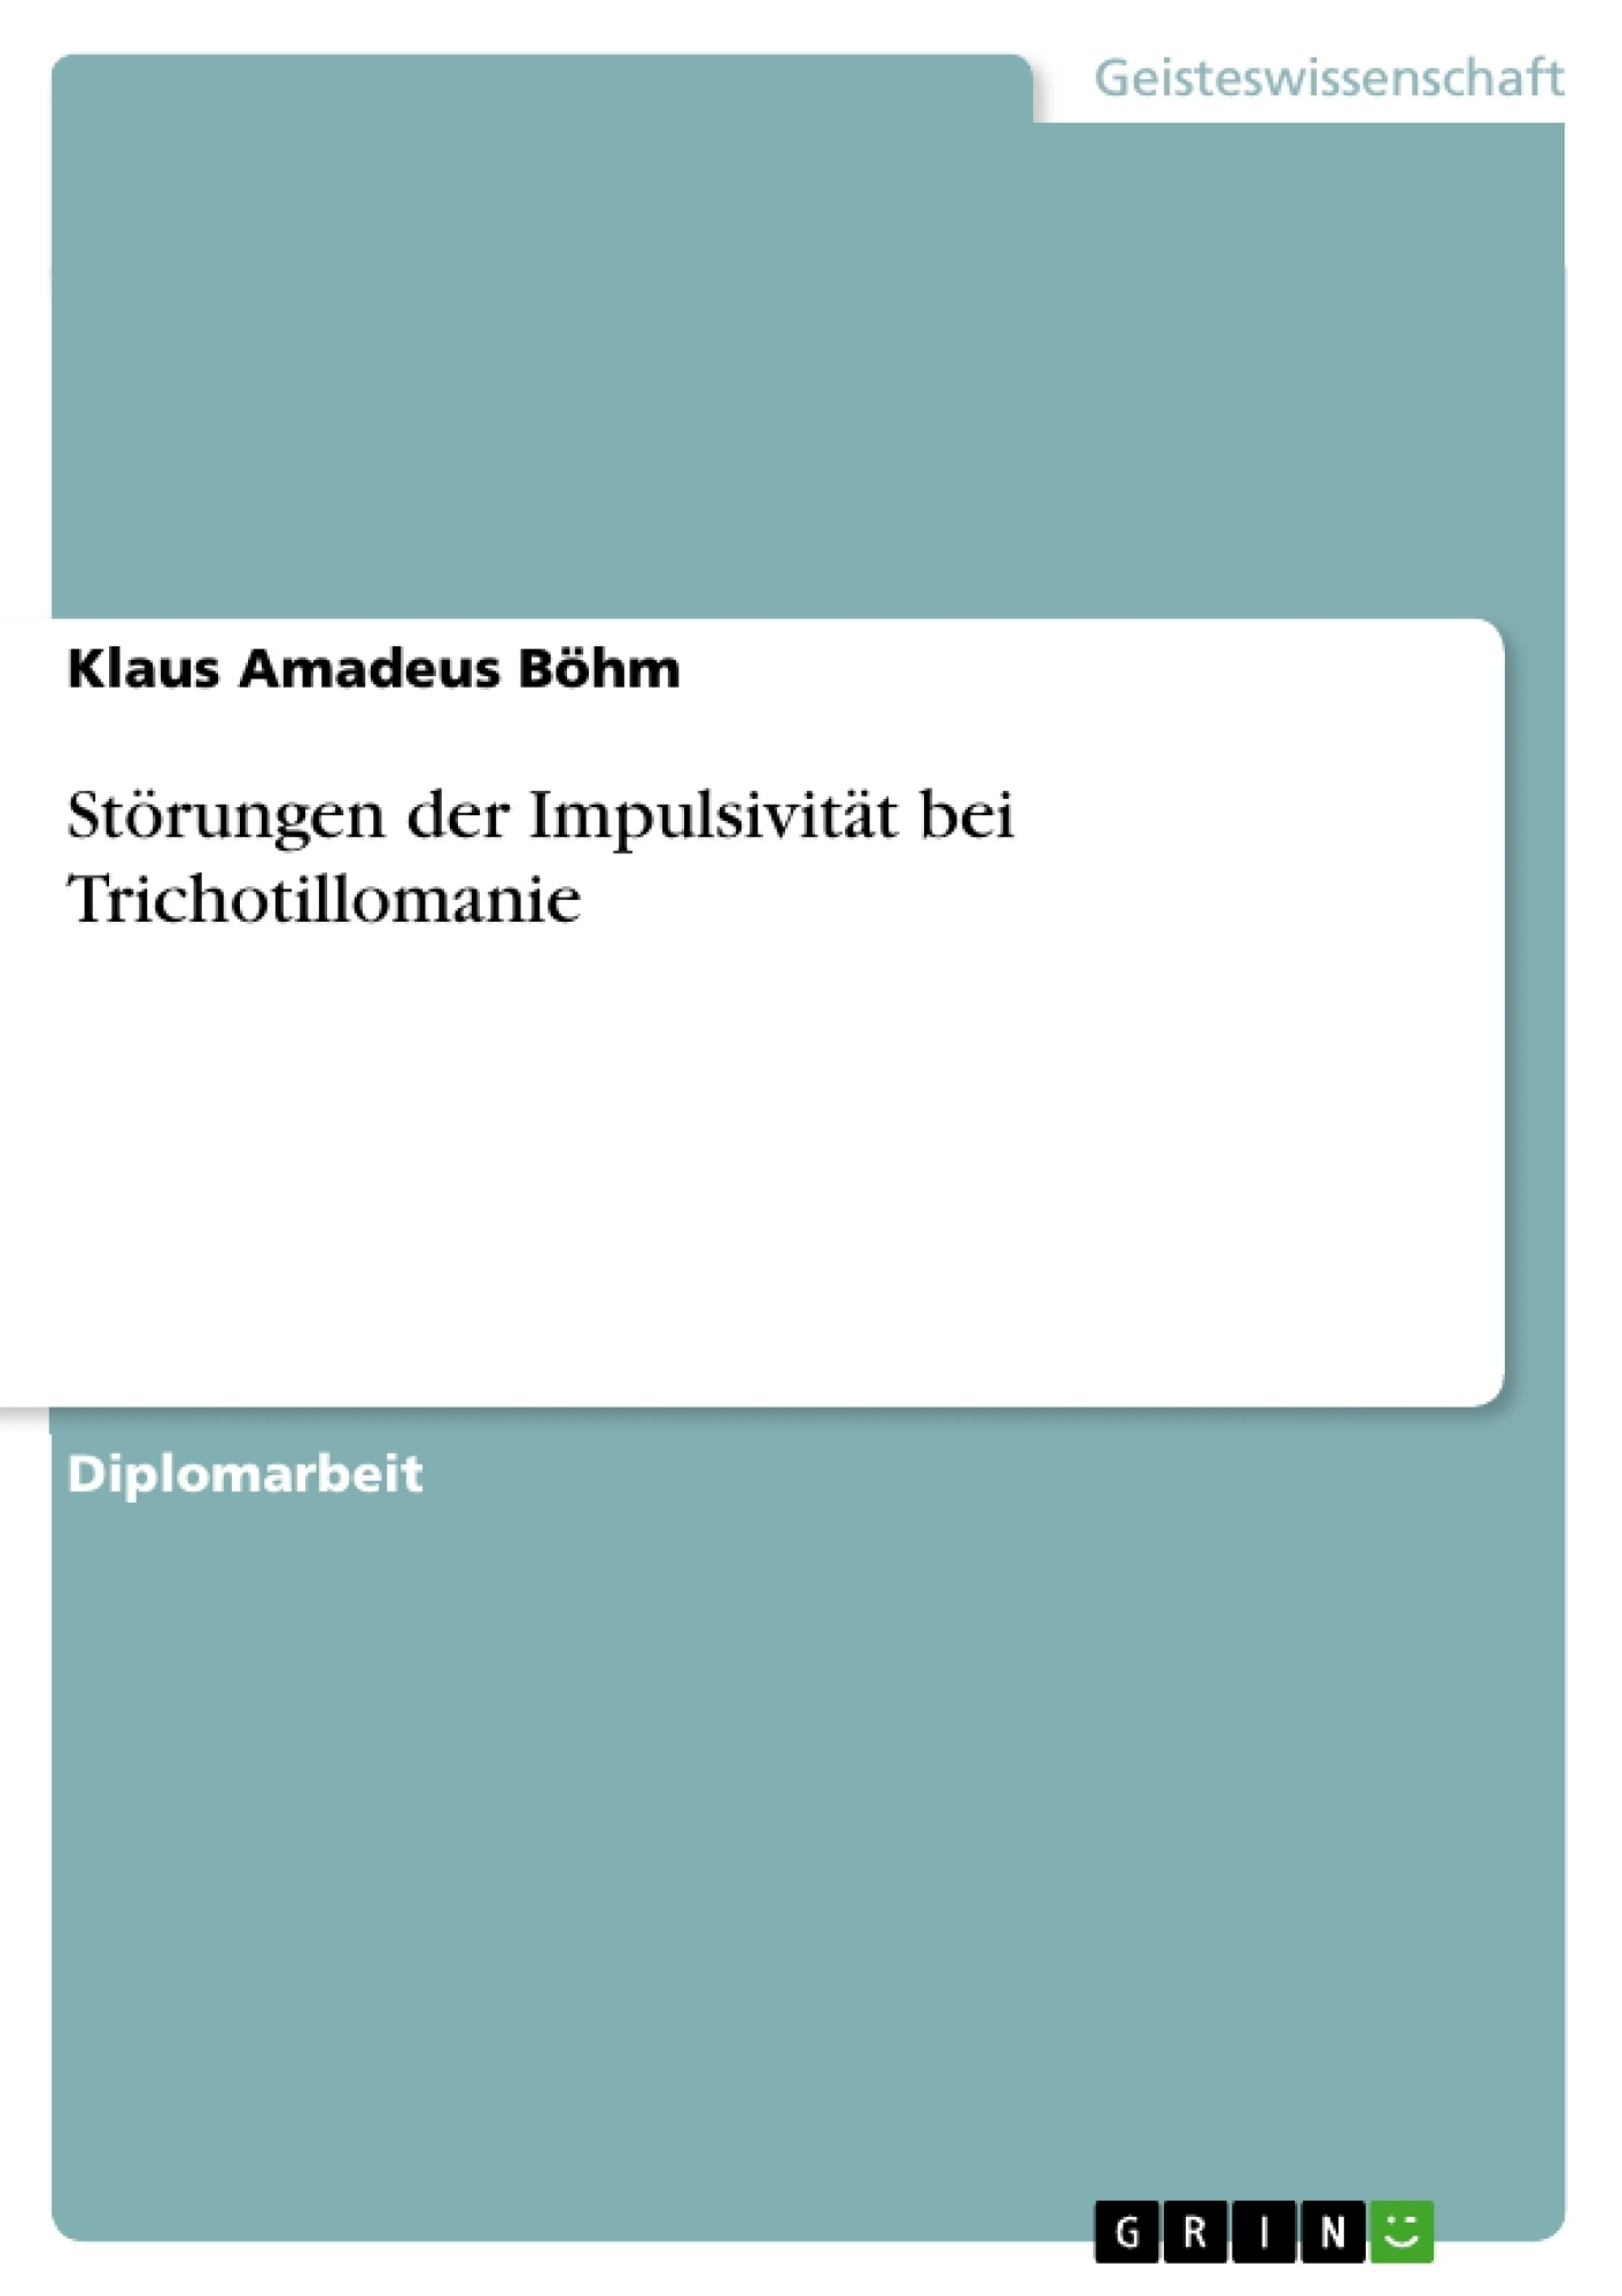 Titel: Störungen der Impulsivität bei Trichotillomanie